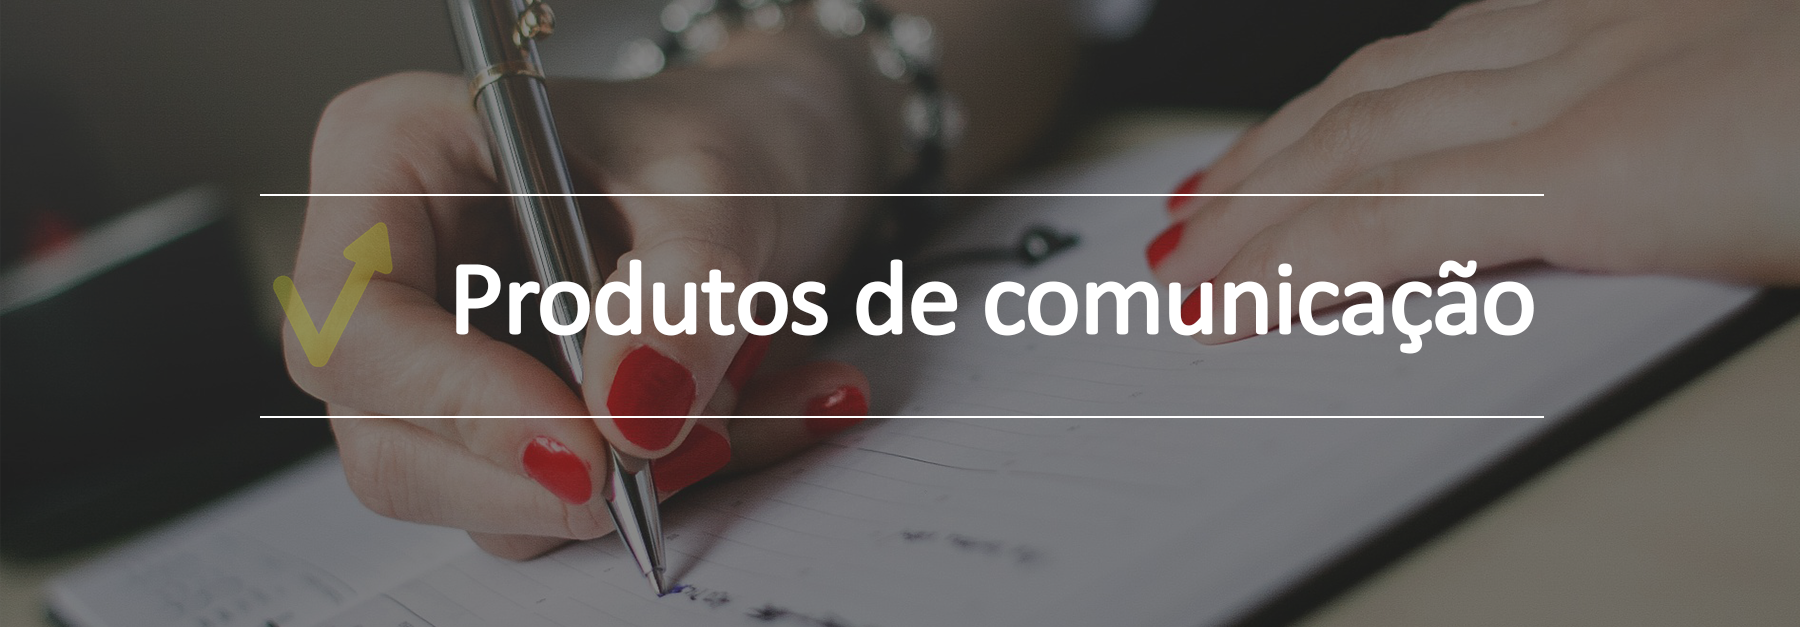 prod_comunica_1